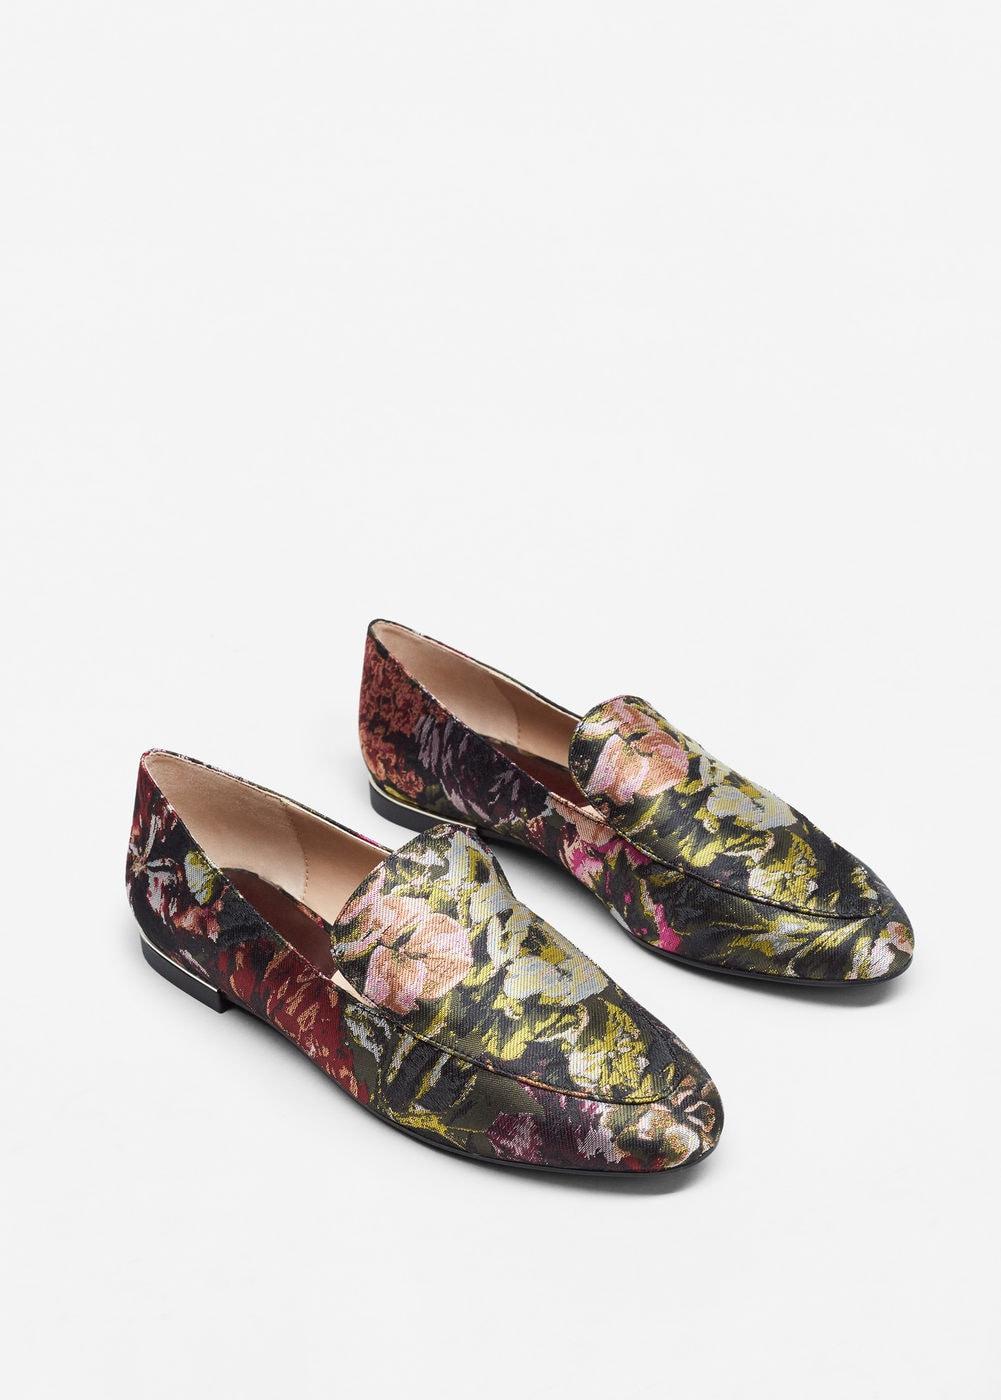 Shoes, £35.99, Mango